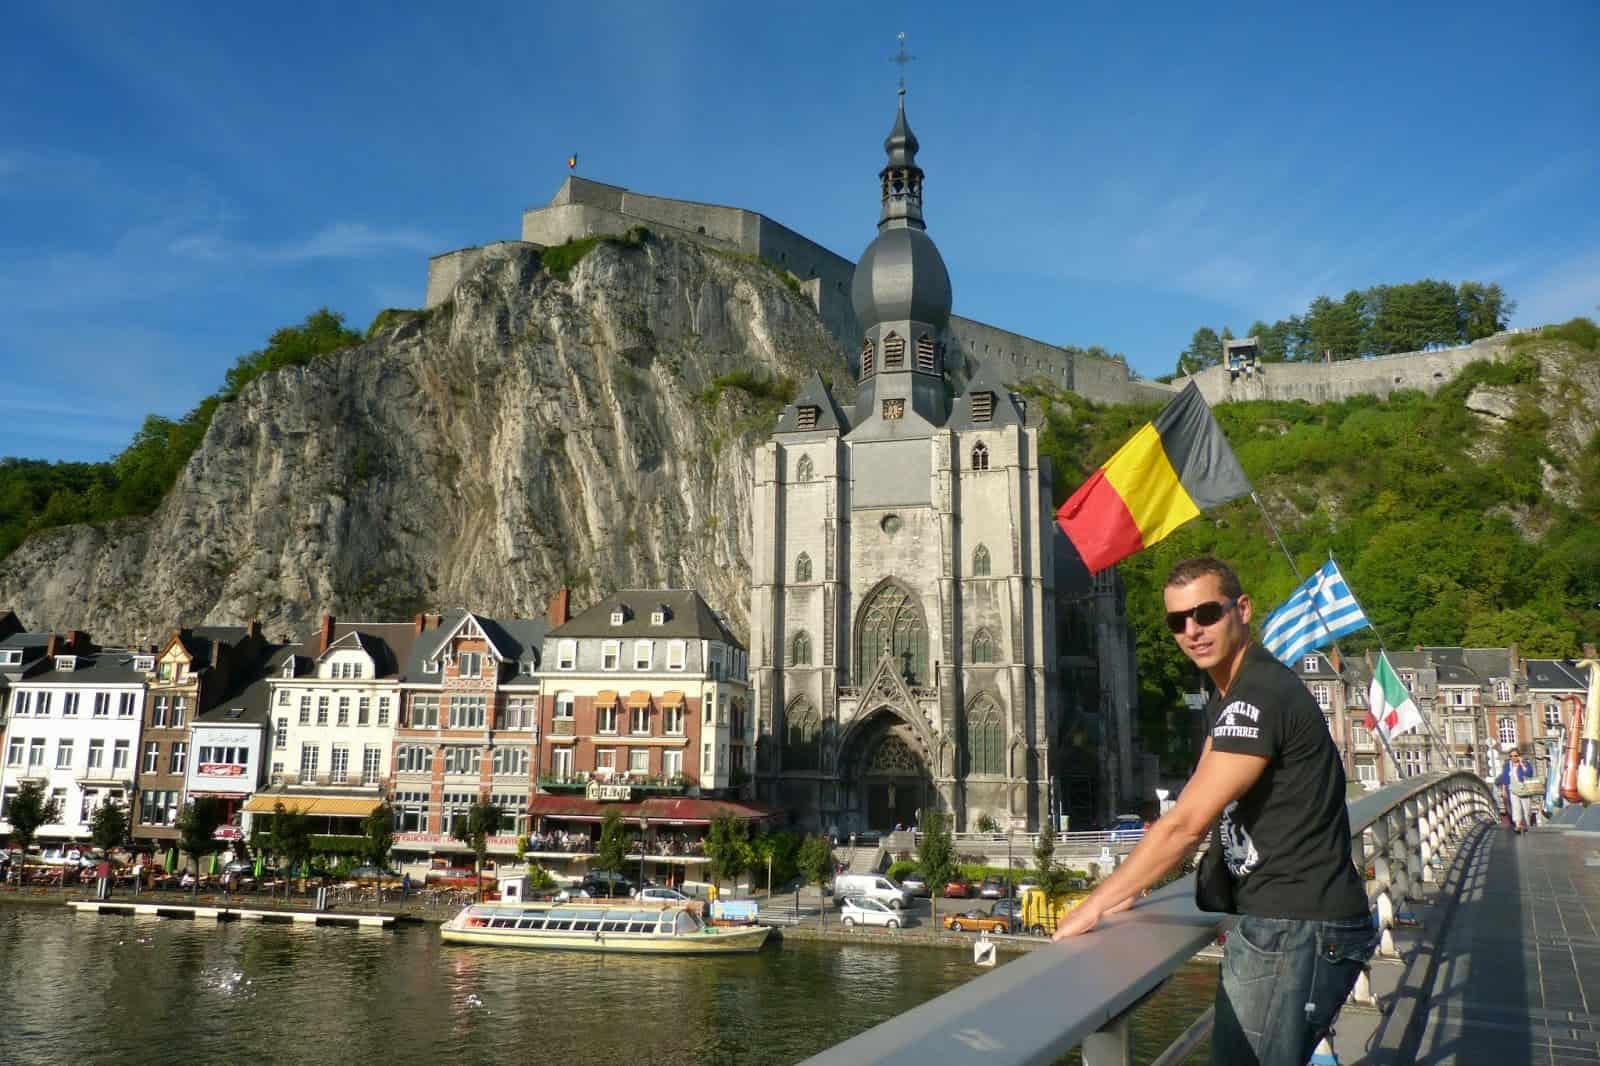 Excursión por el río mosa en Dinant Bélgica